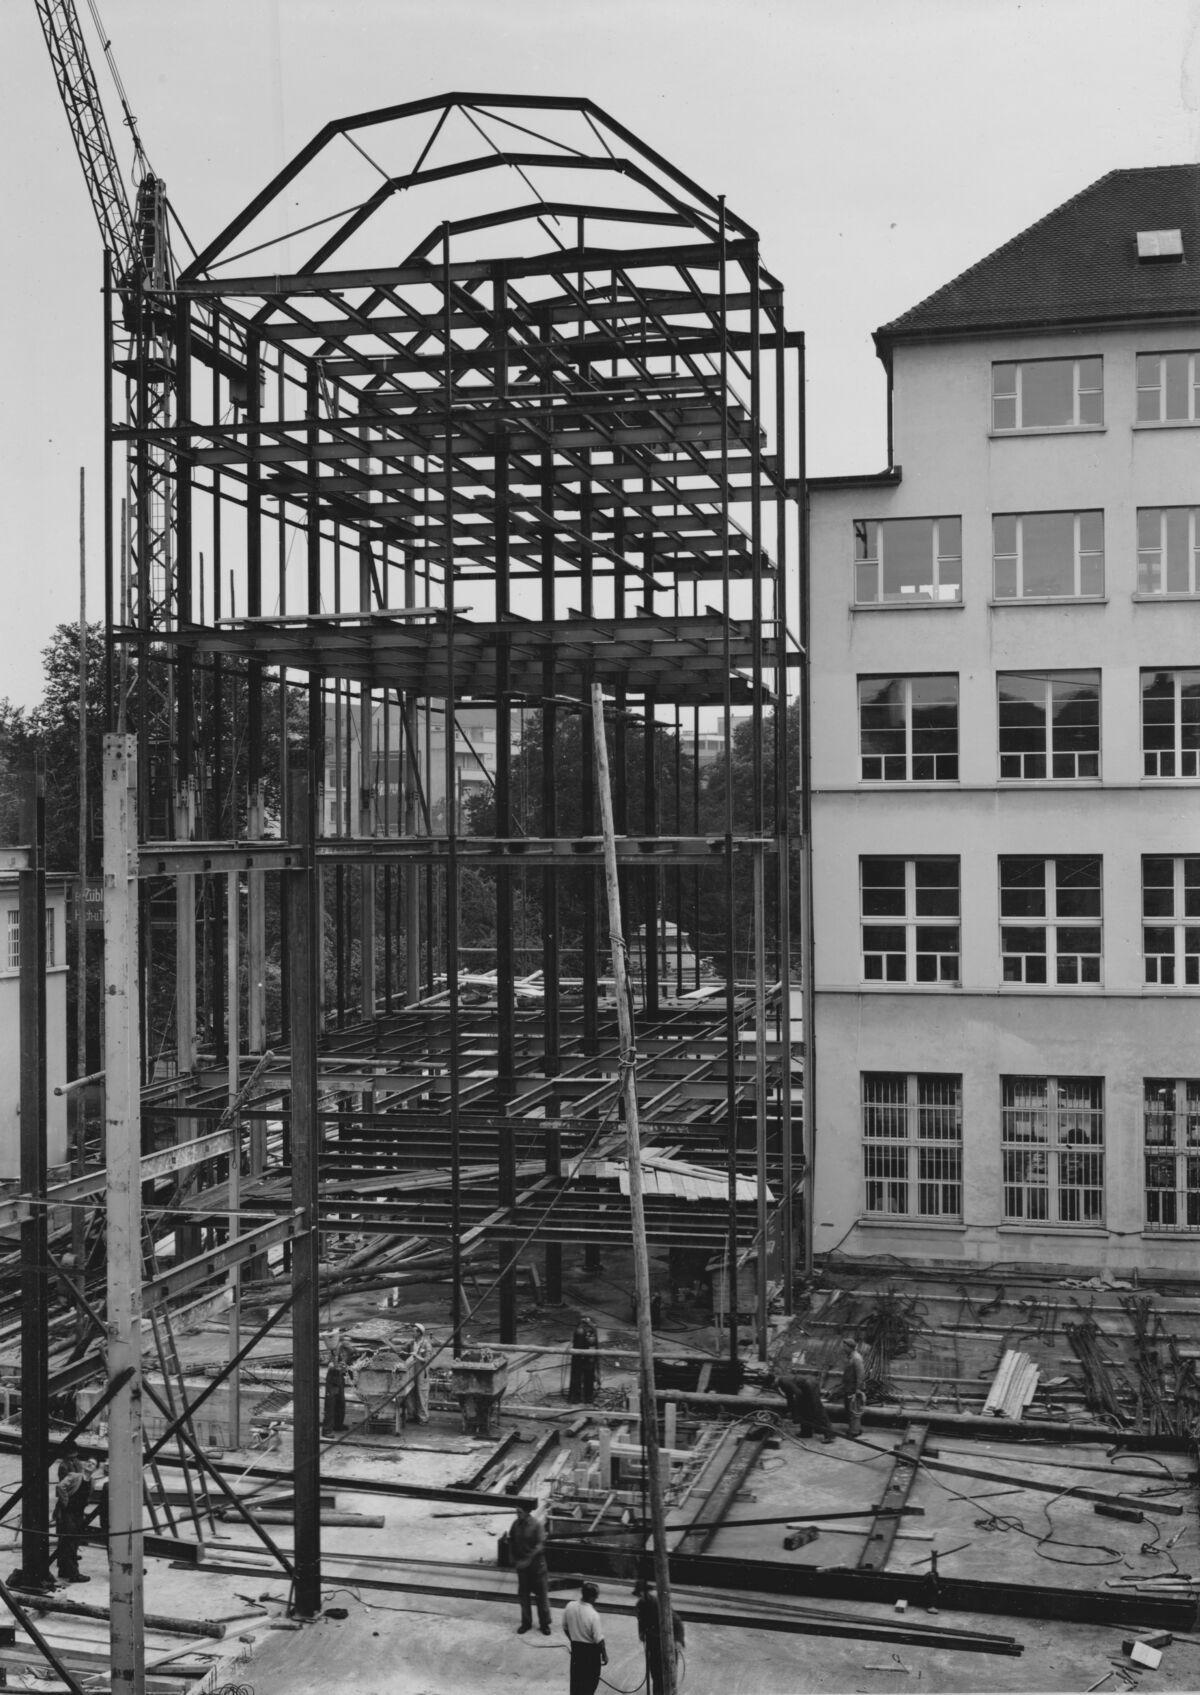 GFA 20/135.194: Stahl- und Brückenbau: Stahlbau Eisengerücst SBV